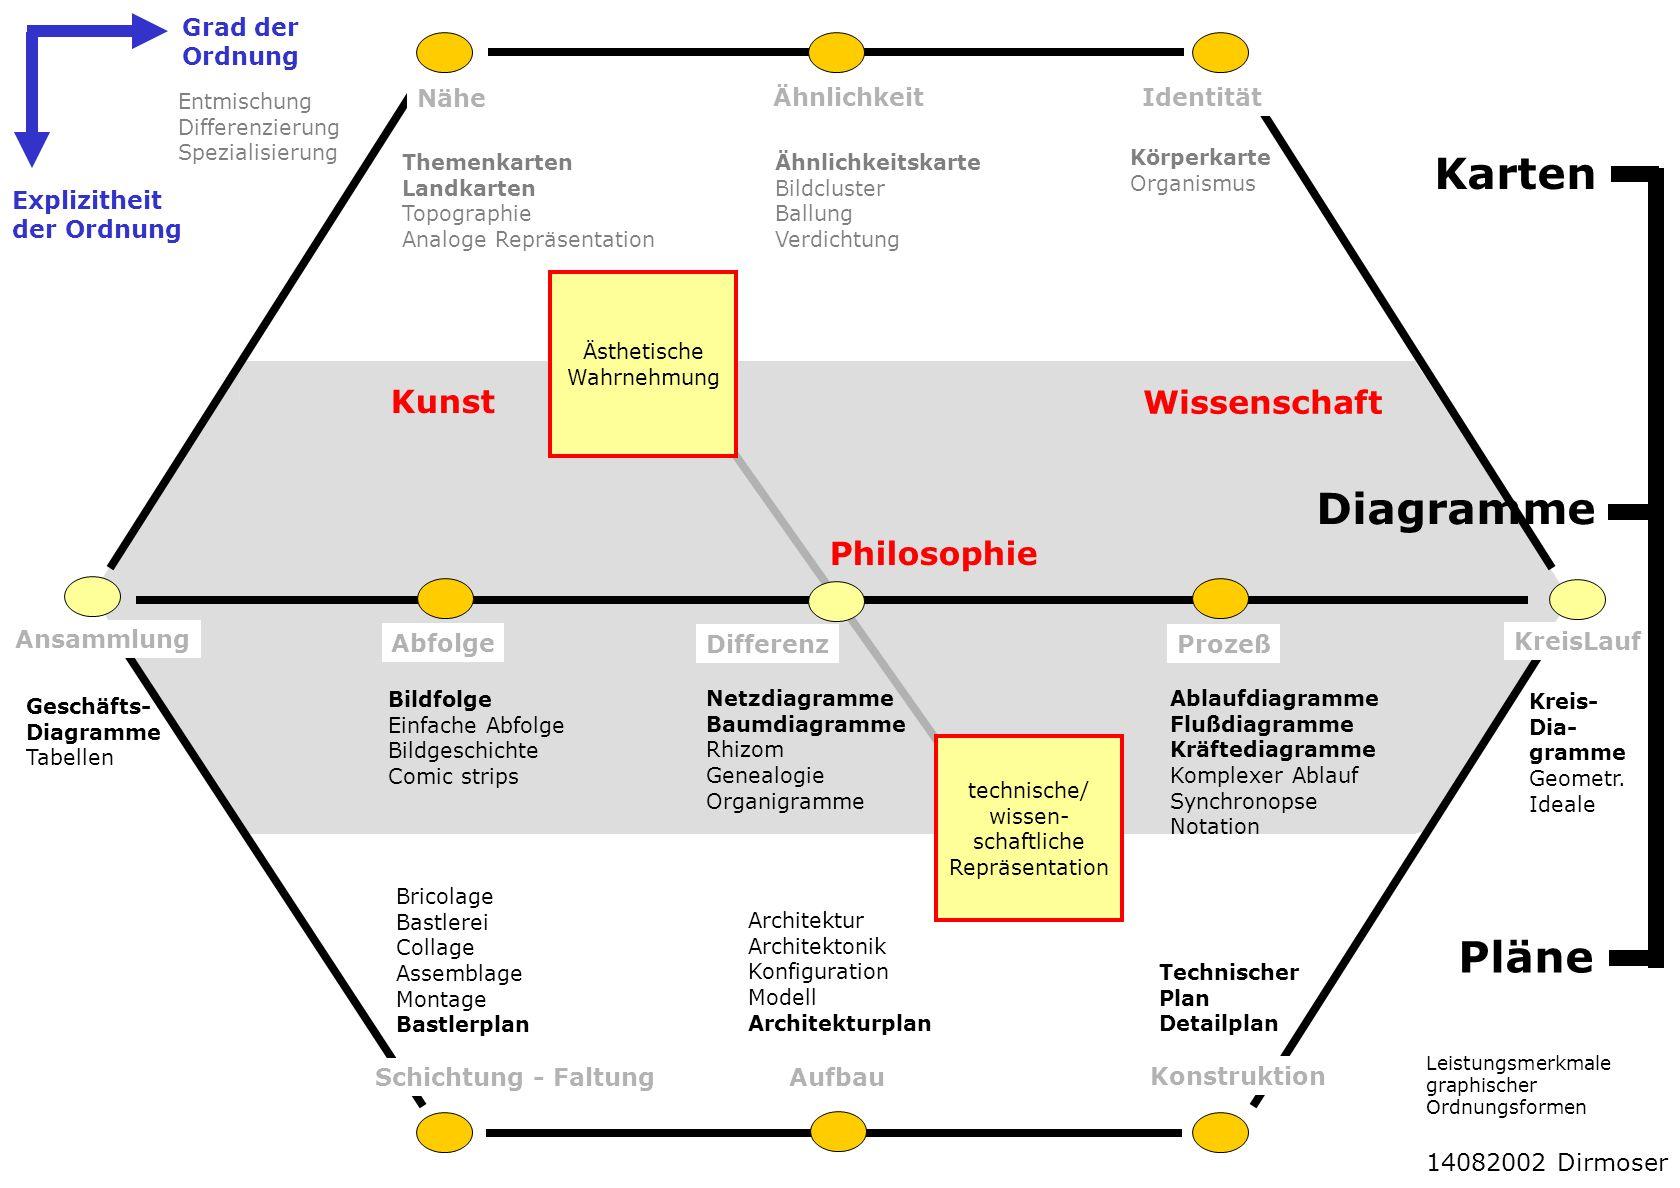 Karten Diagramme Pläne Kunst Wissenschaft Philosophie Grad der Ordnung